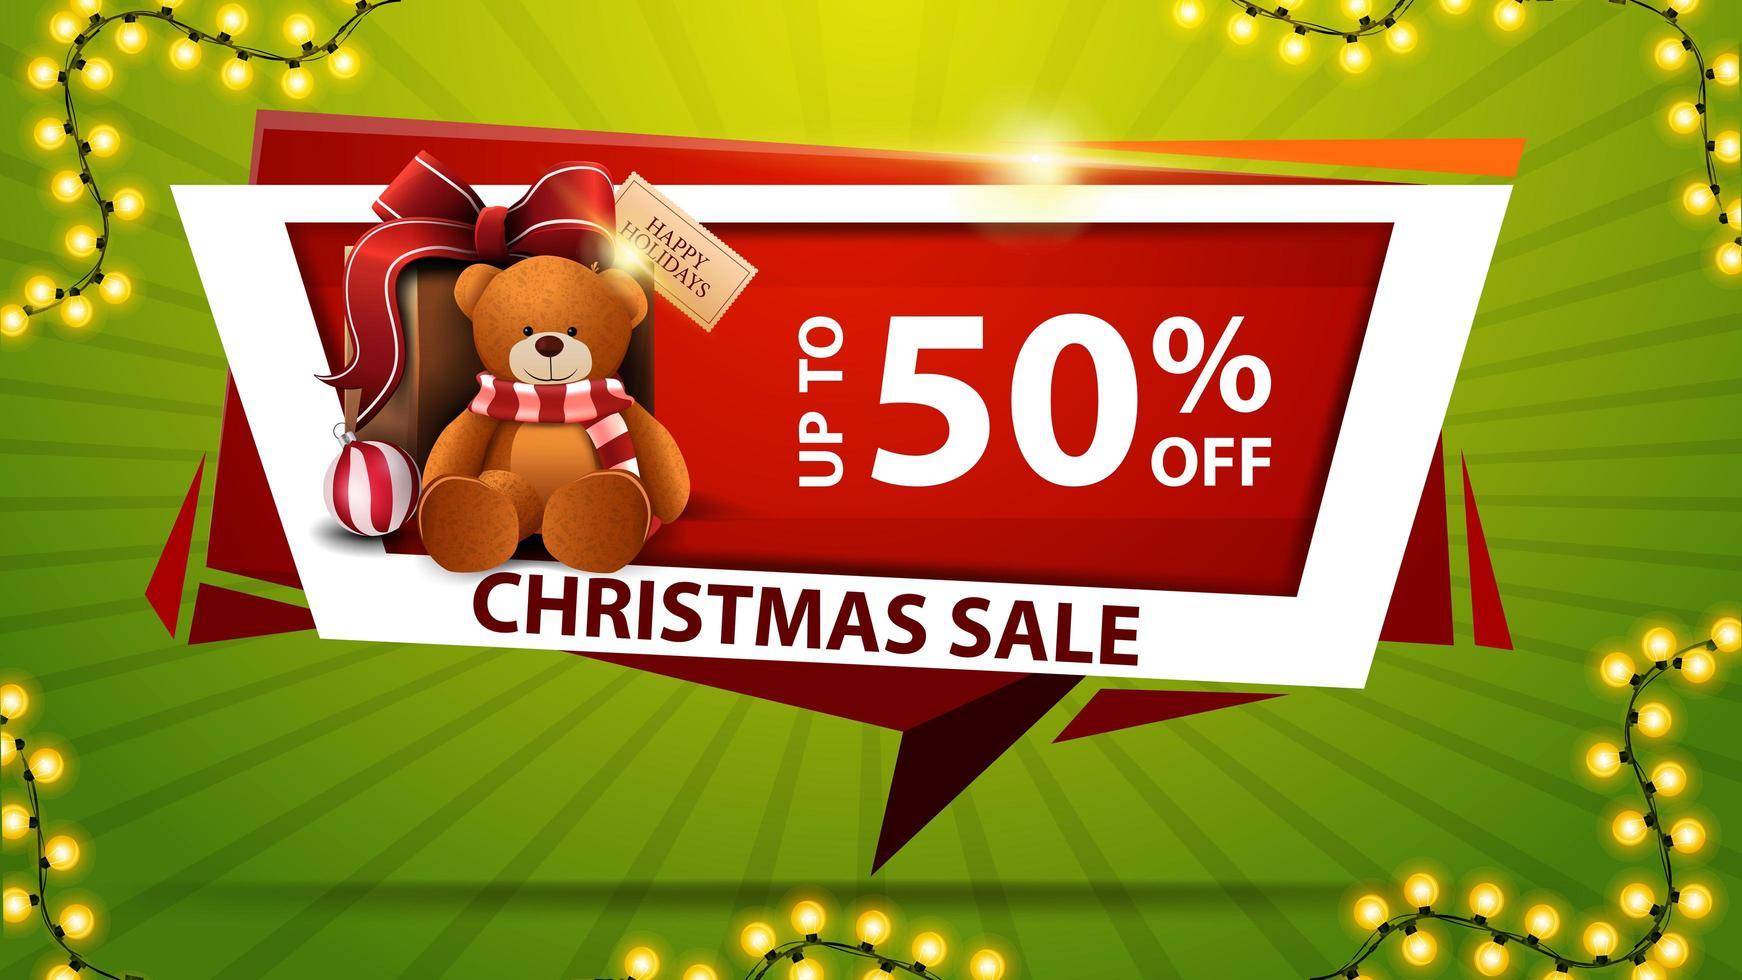 Weihnachtsverkauf, bis zu 50 Rabatt, rotes Rabattbanner in Form einer geometrischen Platte mit Geschenk mit Teddybär vektor